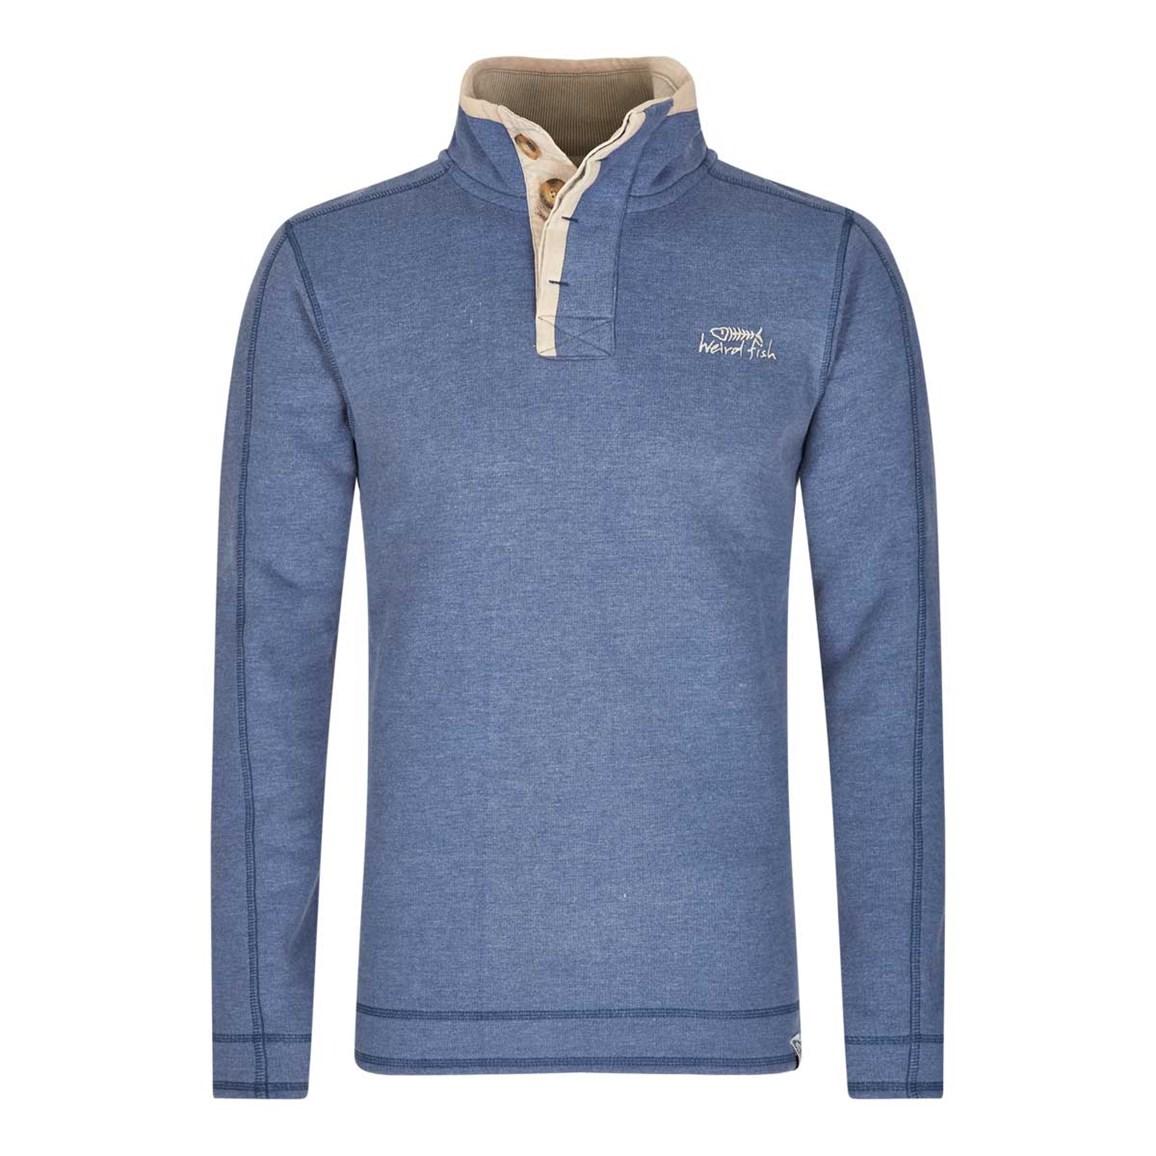 Image of Weird Fish Genie Button Neck Sweatshirt Dark Blue Size 4XL